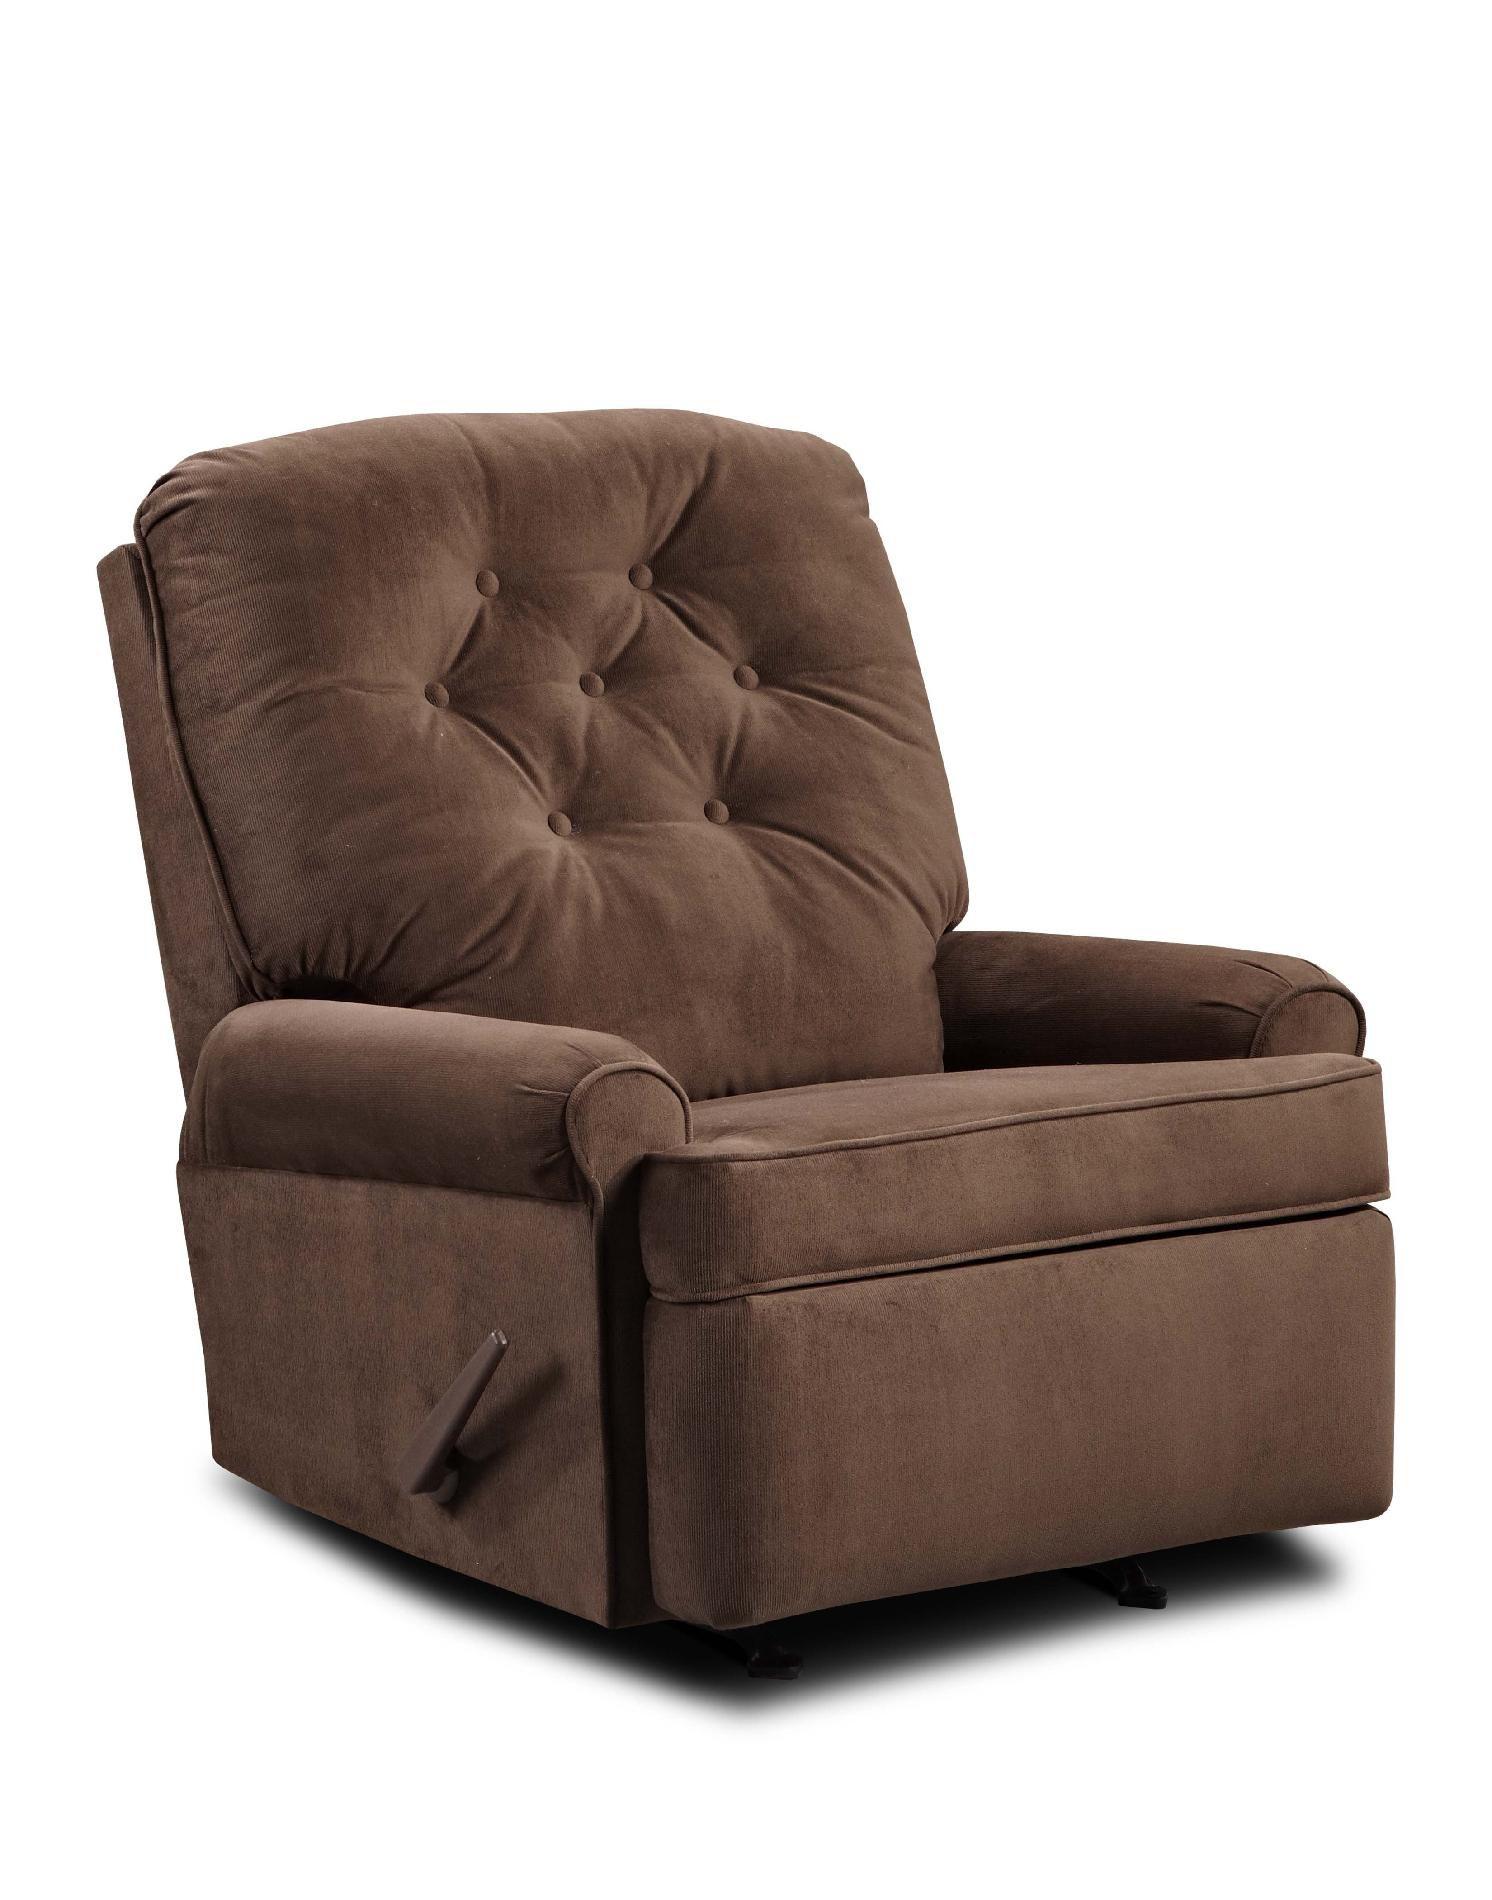 Simmons Upholstery Avon Rocker/Recliner